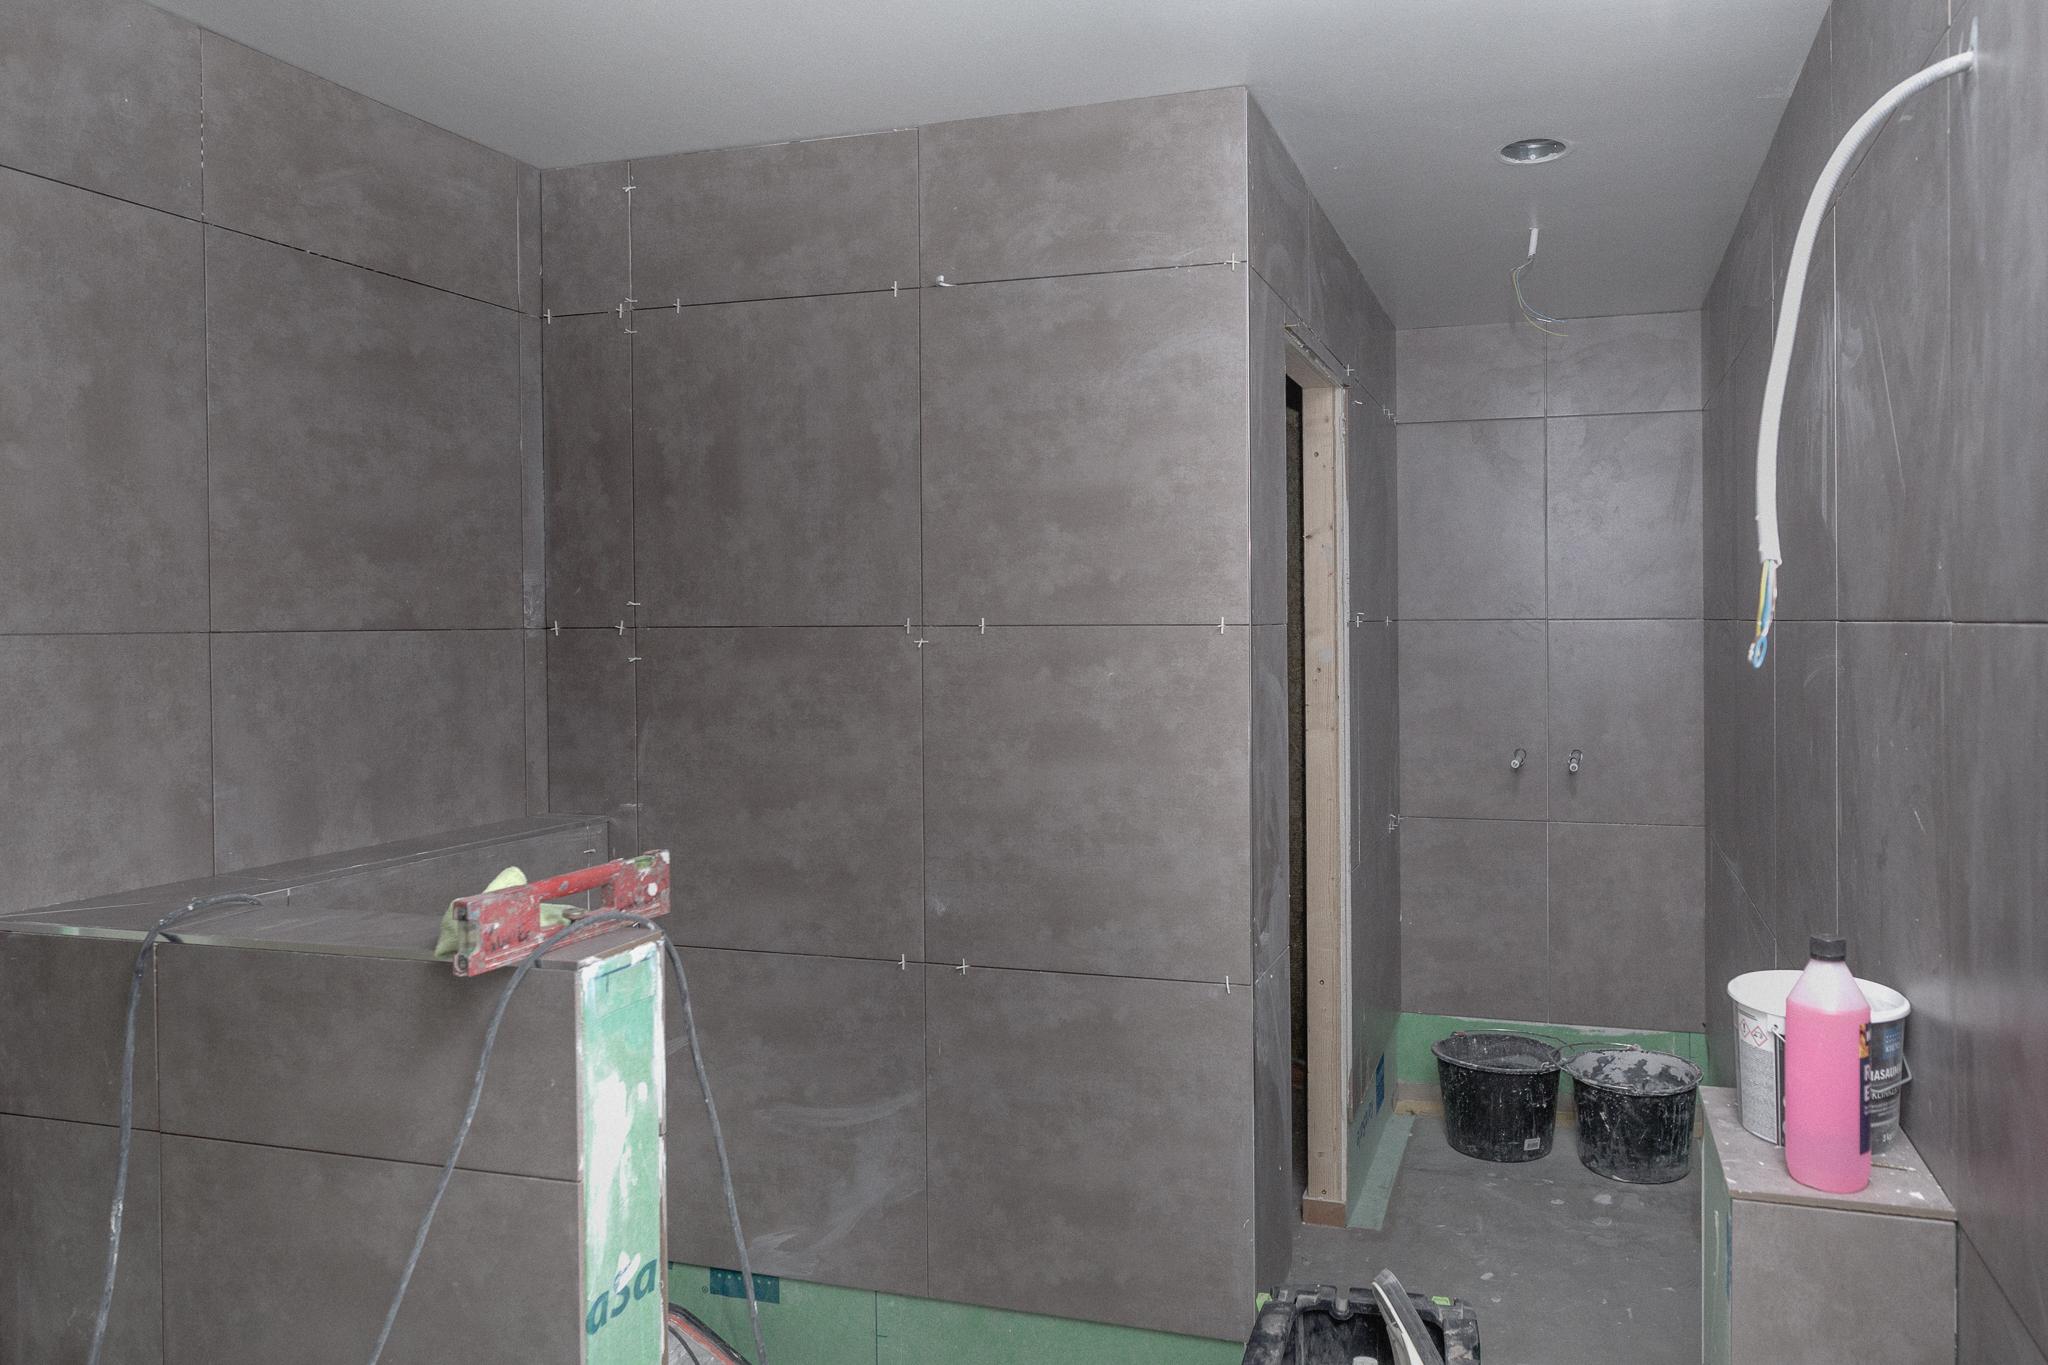 Från vänster:  vägghängd wc, bastu, dusch, handdukstork, tvättnedkast till tvättstugan, dubbelhandfat med kommod.